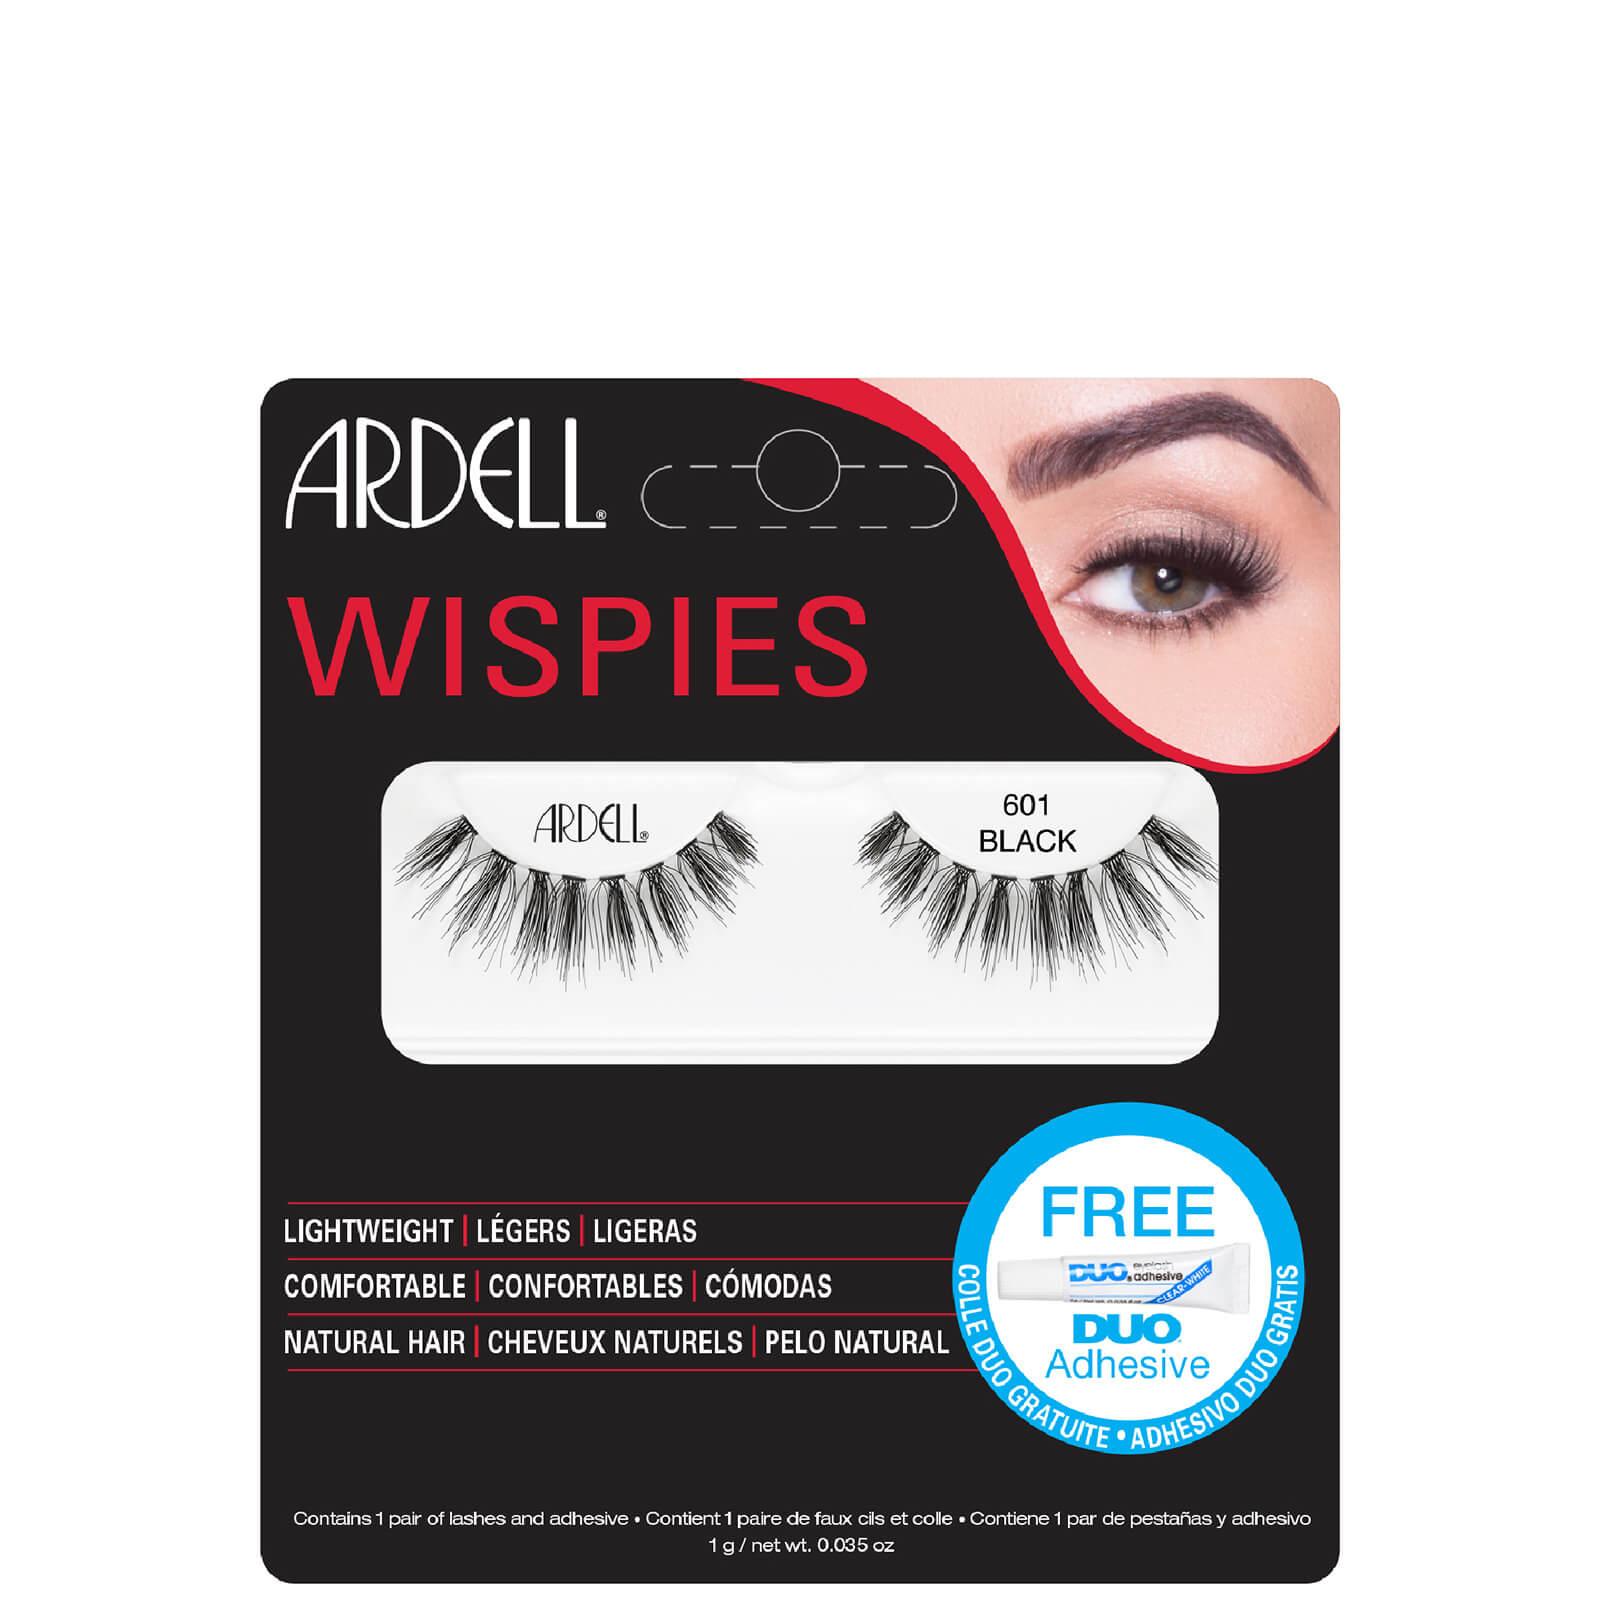 Накладные ресницы (пучки) Ardell Wispies Cluster False Eyelashes - 601 Black  - Купить